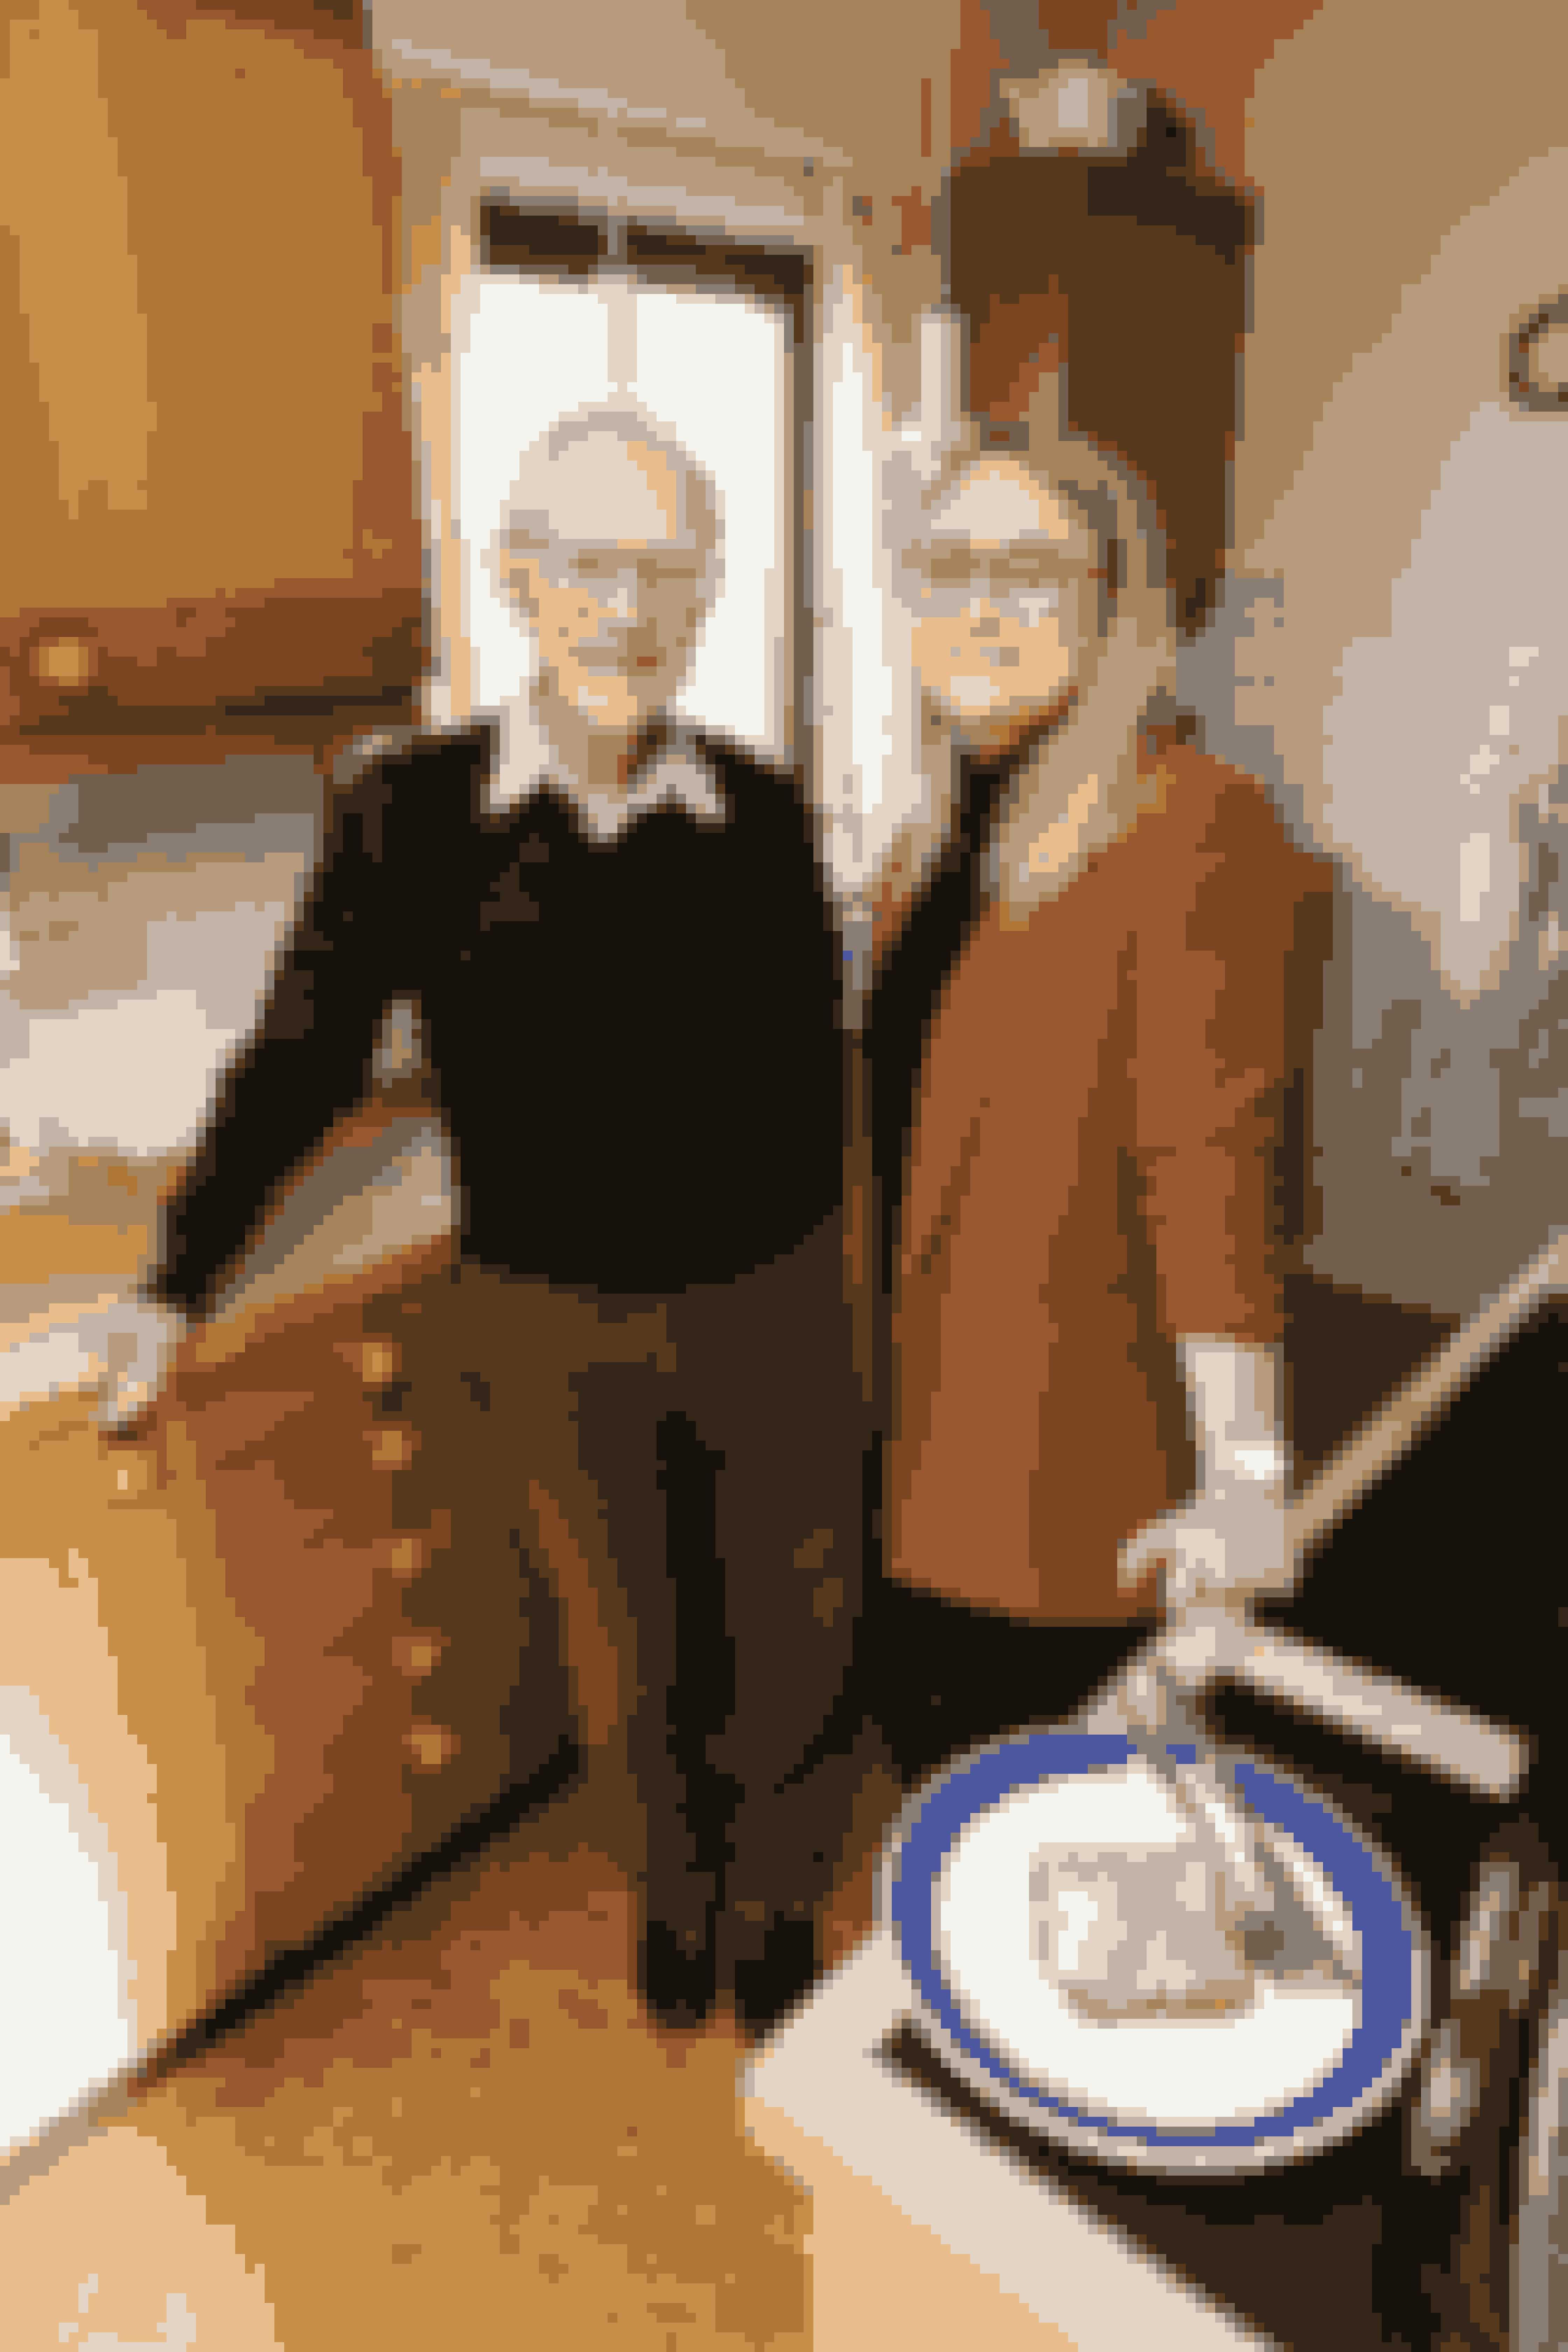 Isabella og Emil har boet hos Moffe i en uge, og de har allerede fået masser af sild. Det skal være den der hedder Budget fra Føtex, hvis man spørger Moffe. Det er de bedste.